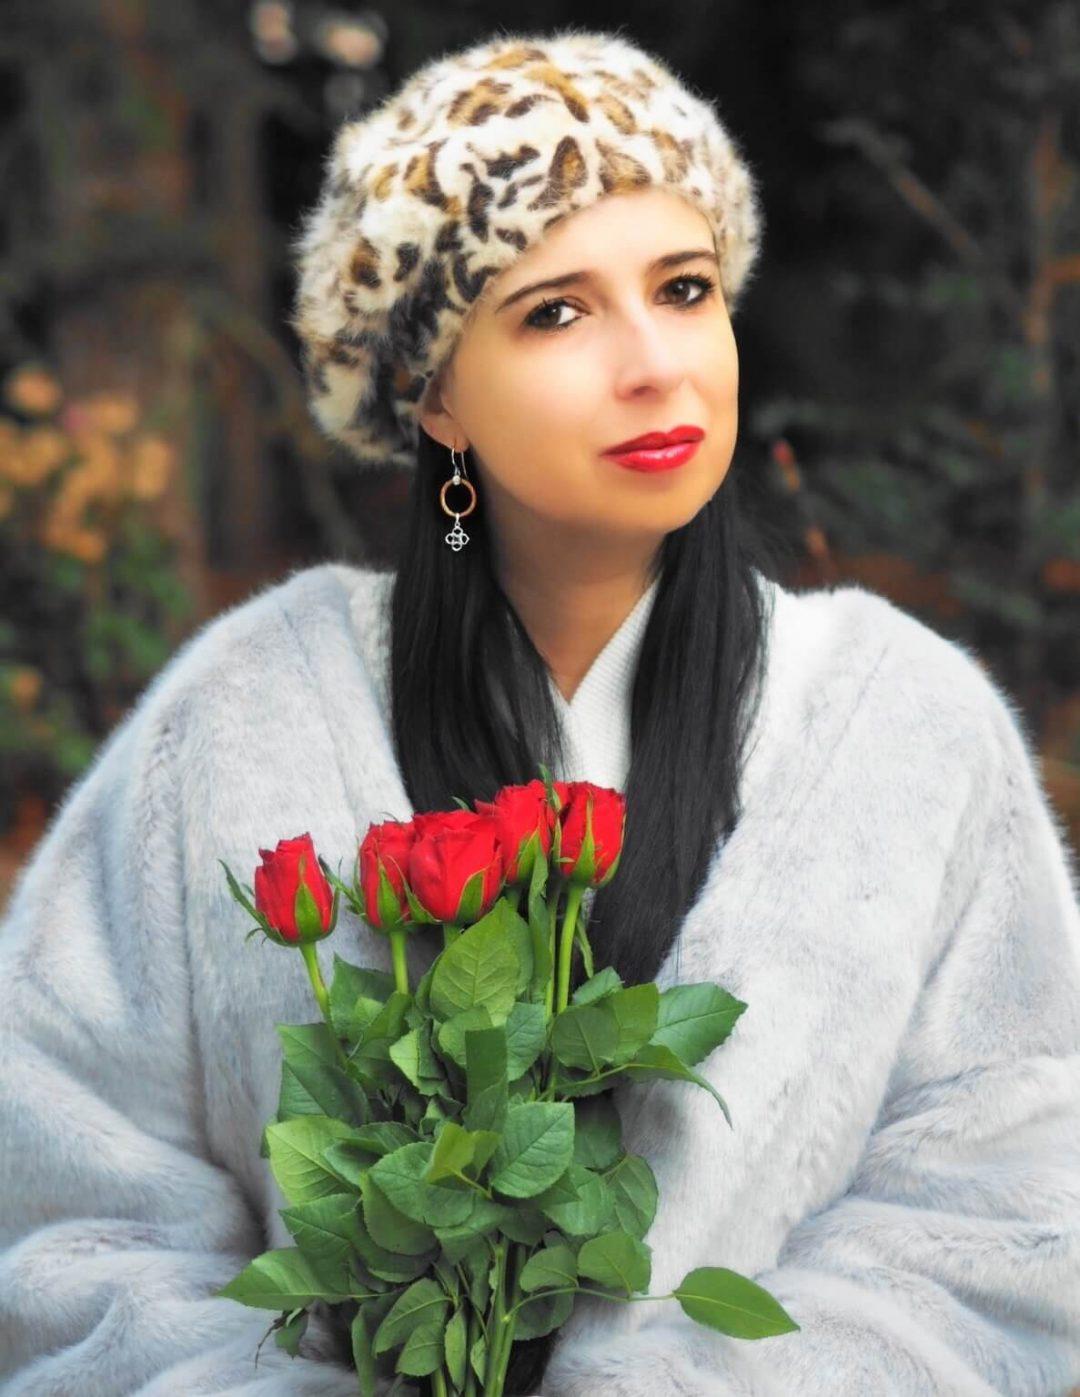 Die La Fleur Kollektion von Charriol ist das perfekte Präsent zum Valentinstag